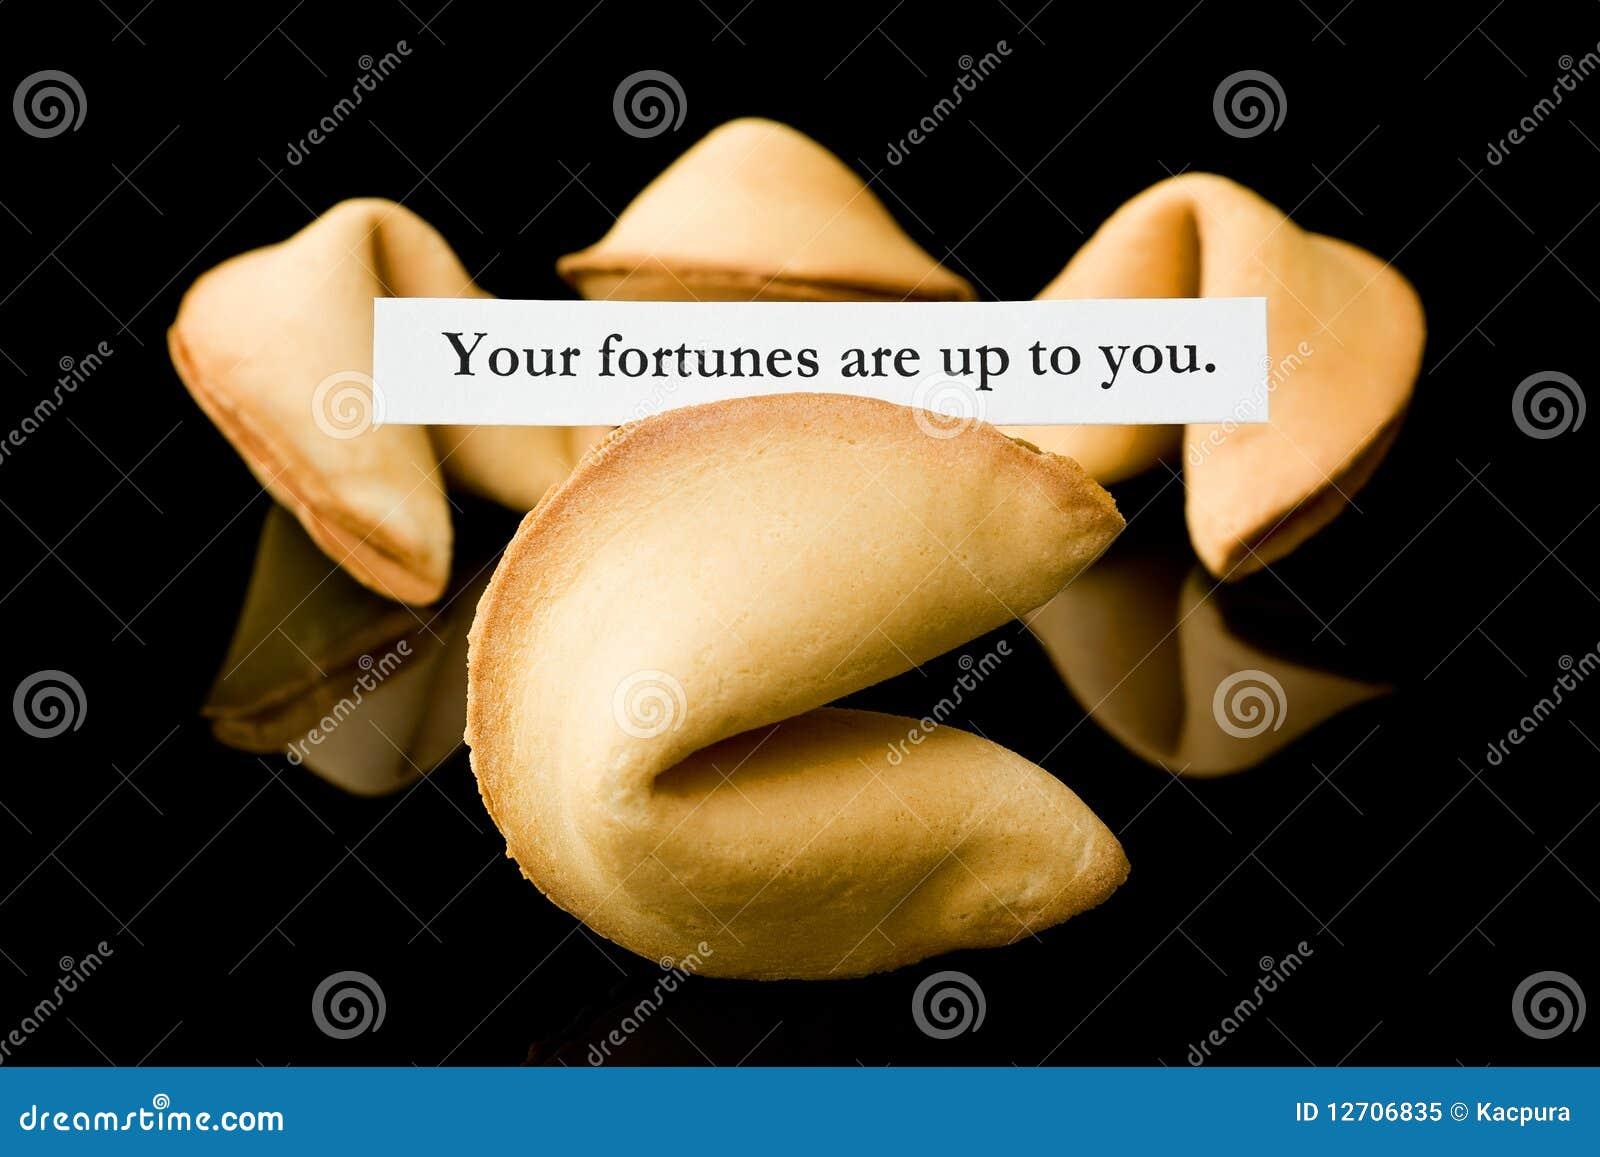 Bolinho de fortuna: Suas fortunas incumbem você.